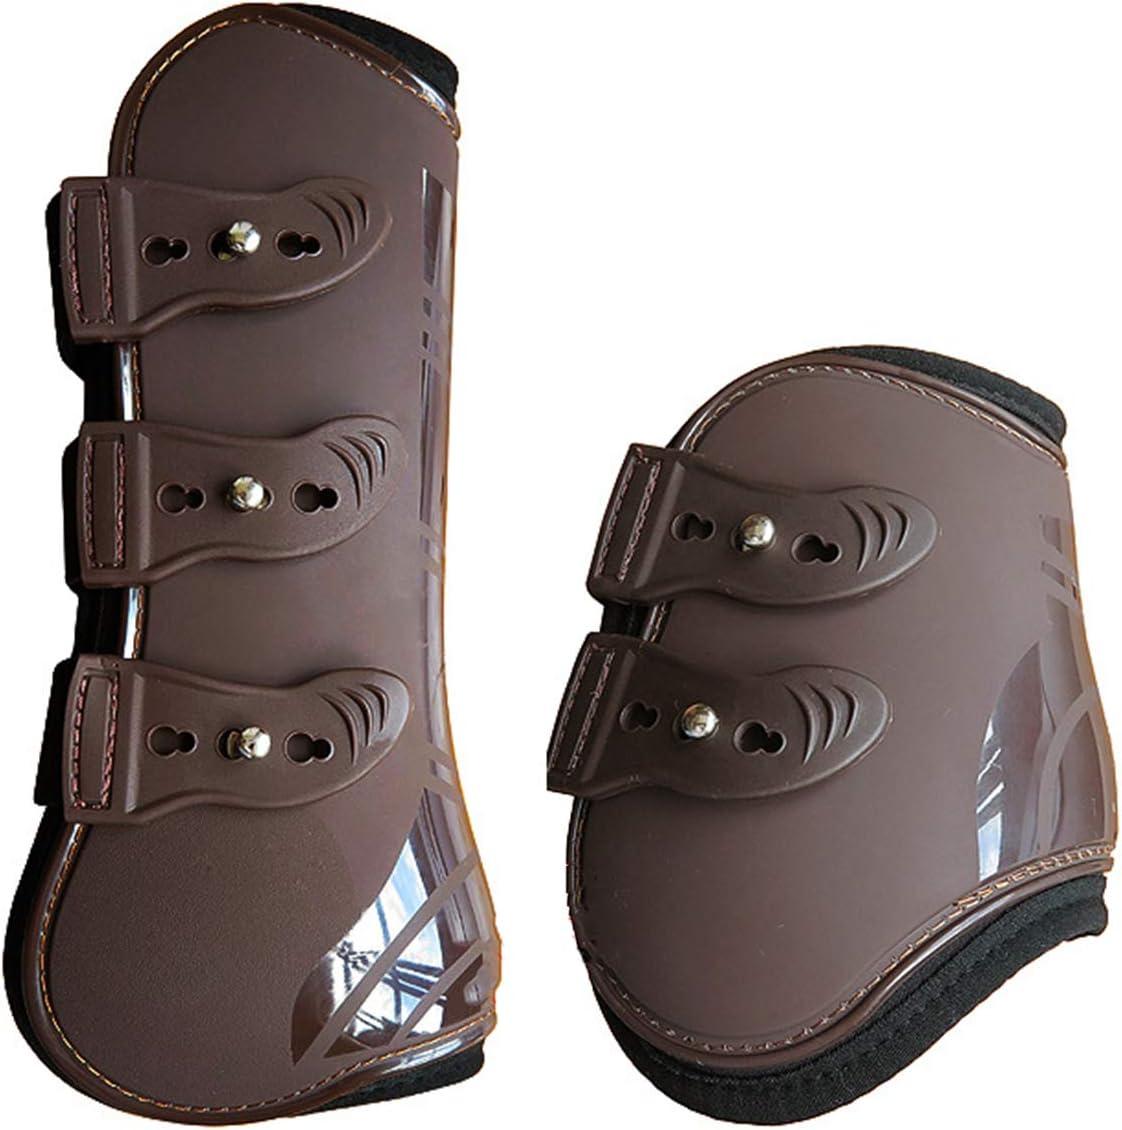 Rehomy Botas de Pierna Trasera Delantera de Caballo Protector de Guardia de Pierna de Caballo Ajustable para Protección de Tendón Ecuestre 4 Unids/Lote